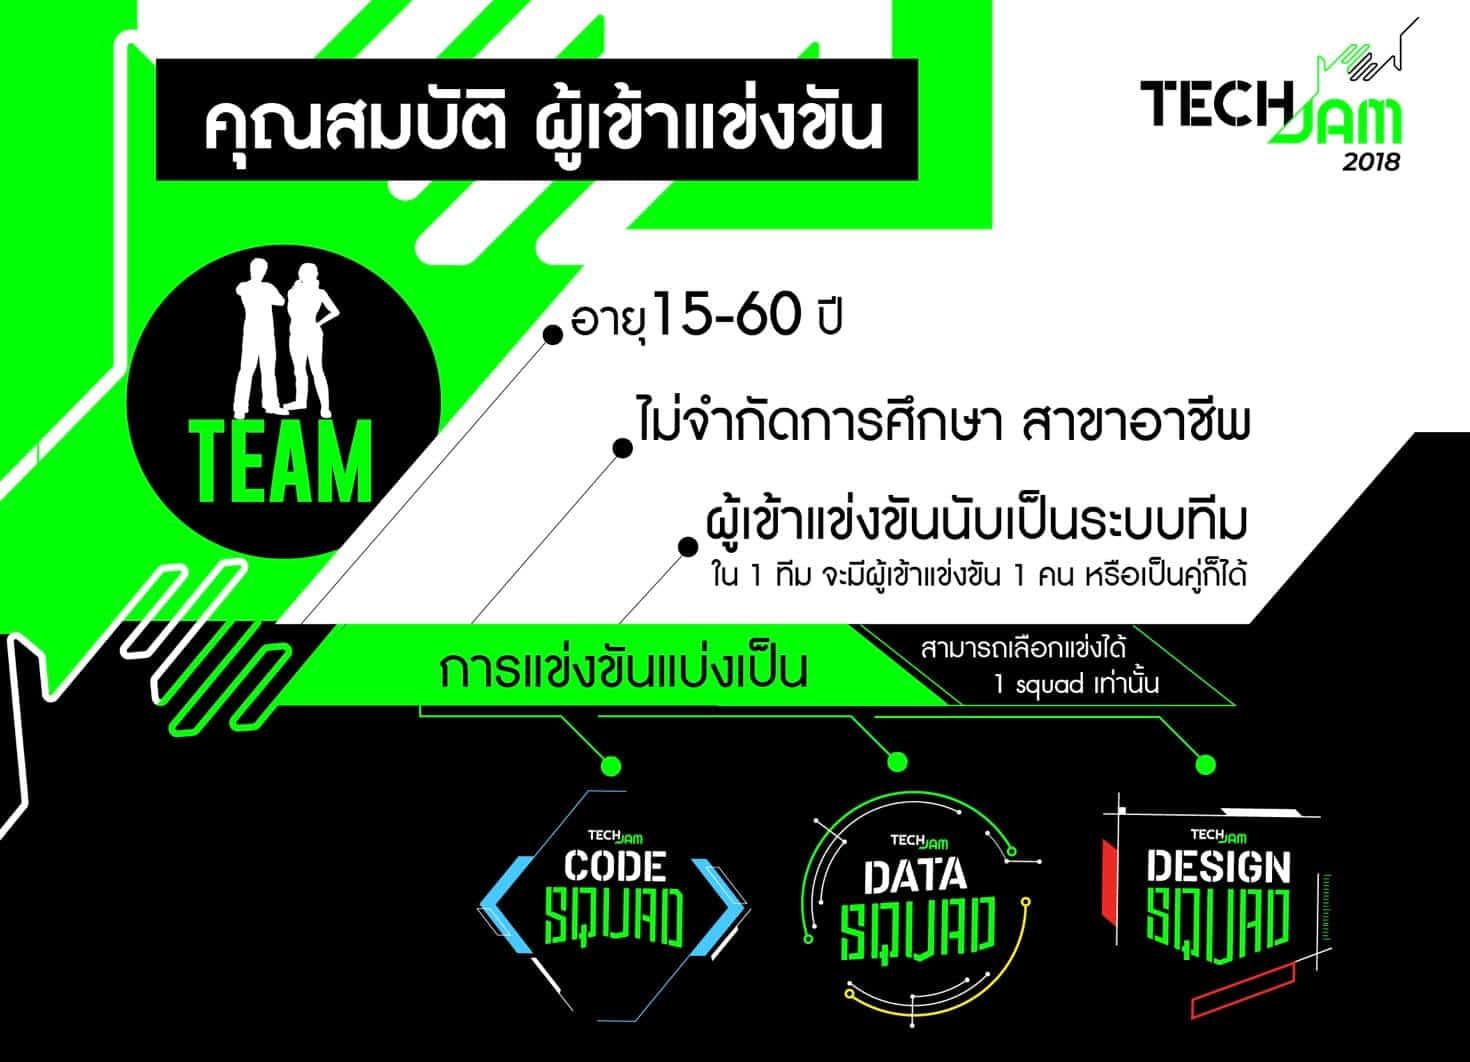 TechJam 2018 งานแข่งขันเพื่อหาสุดยอดผู้เชี่ยวชาญ Data Science, Coding, Design ในไทย + แถมเทคนิคเตรียมตัวแข่ง 1